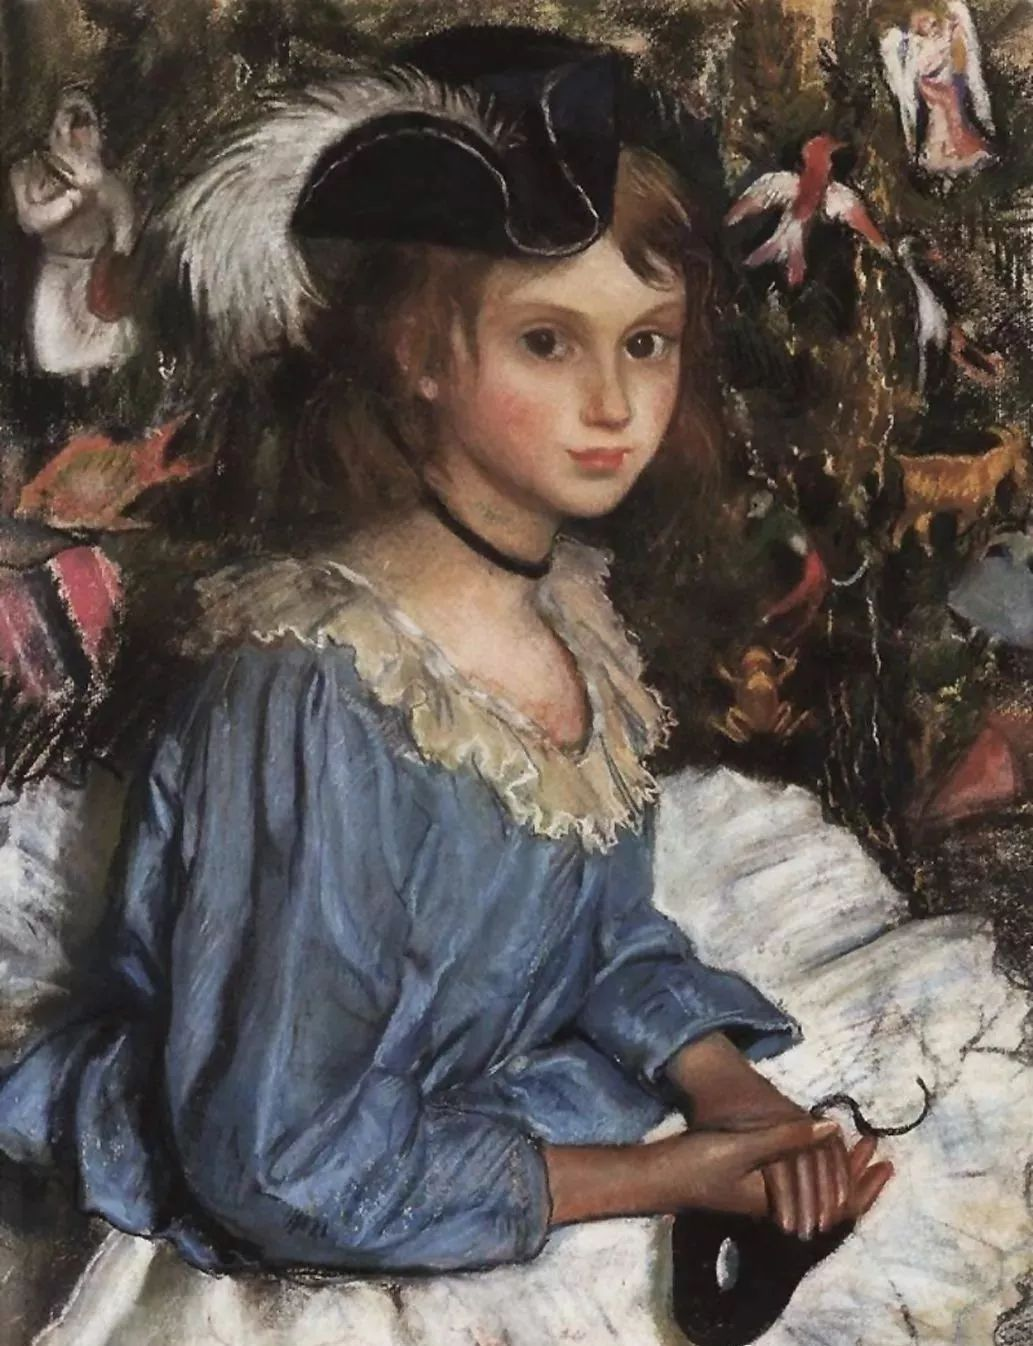 俄罗斯第一位女性画家Zinaida Serebriakova插图1